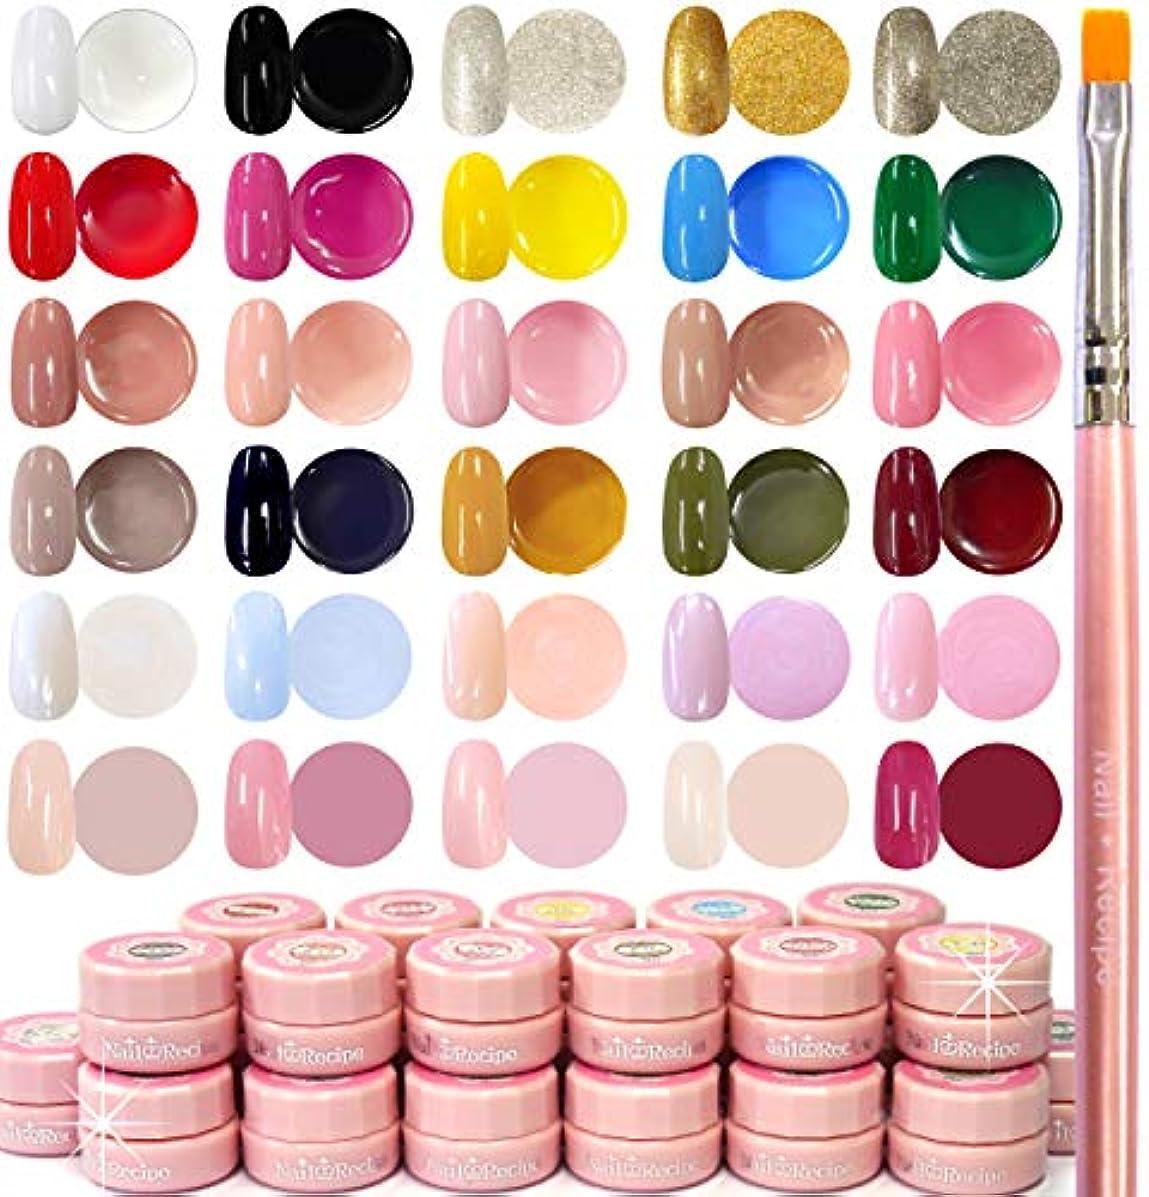 スタジアムきゅうり請求[NailRecipe(ネイルレシピ)] ジェルネイル ジェルネイルセット カラージェル ネイル 30色セット 可愛くて発色抜群